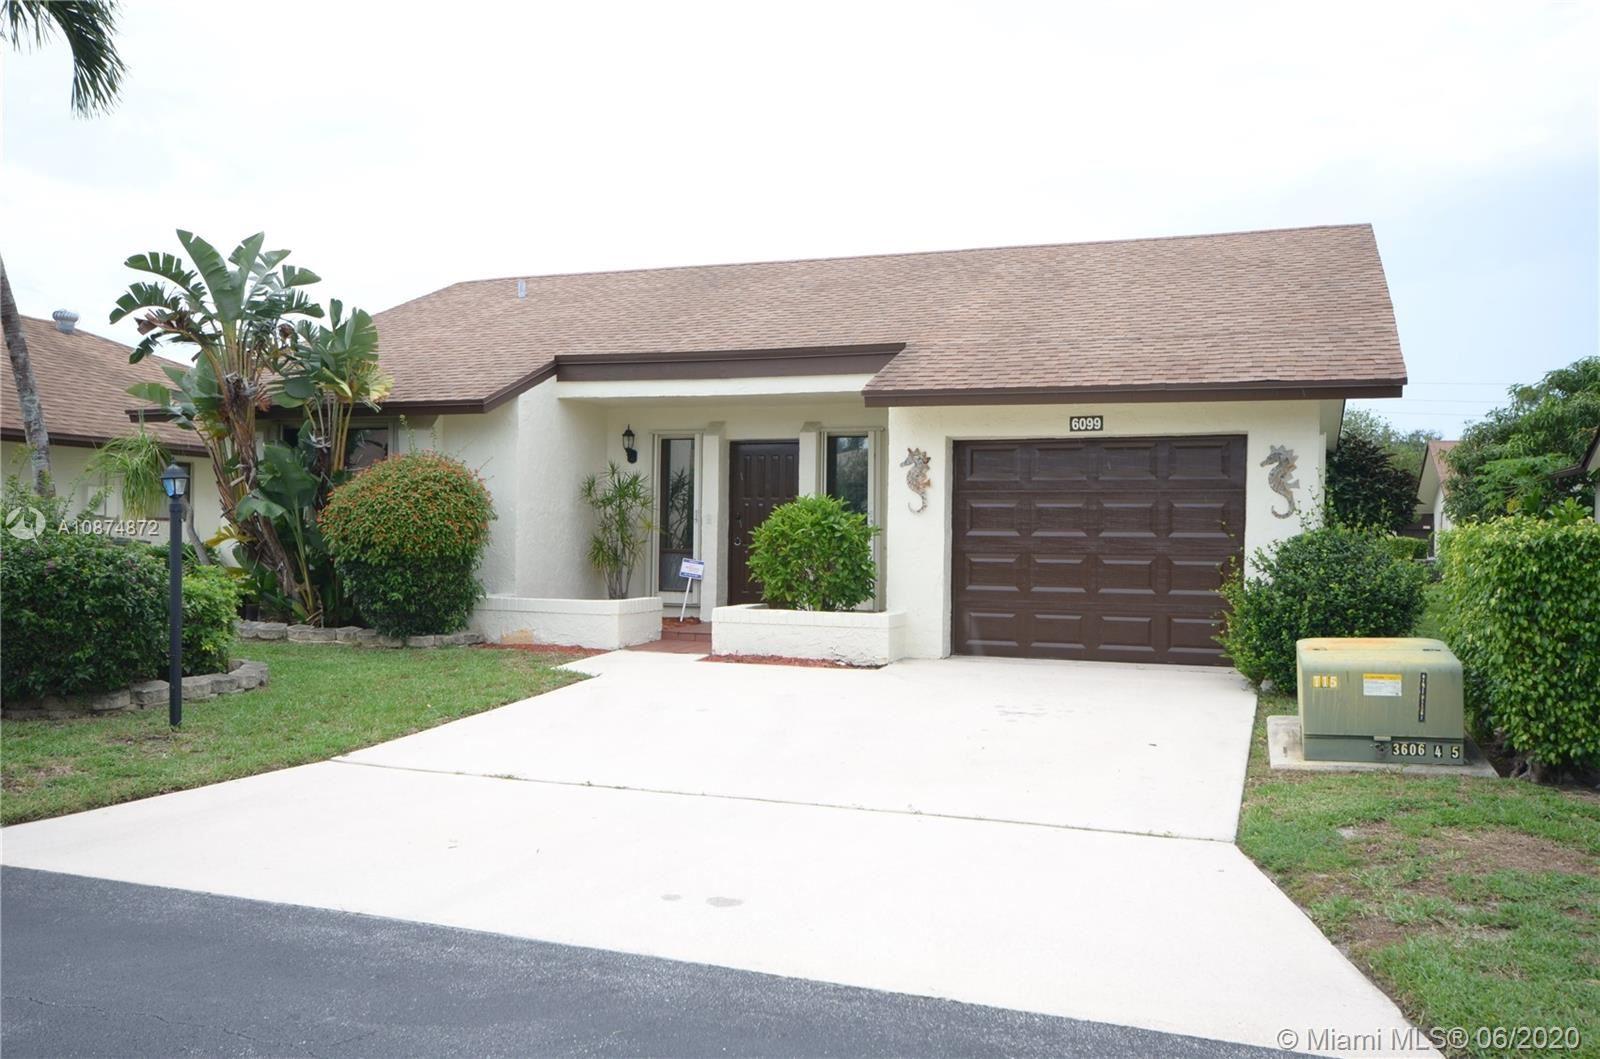 6099 Ambertree, Lake Worth, FL 33463 - #: A10874872